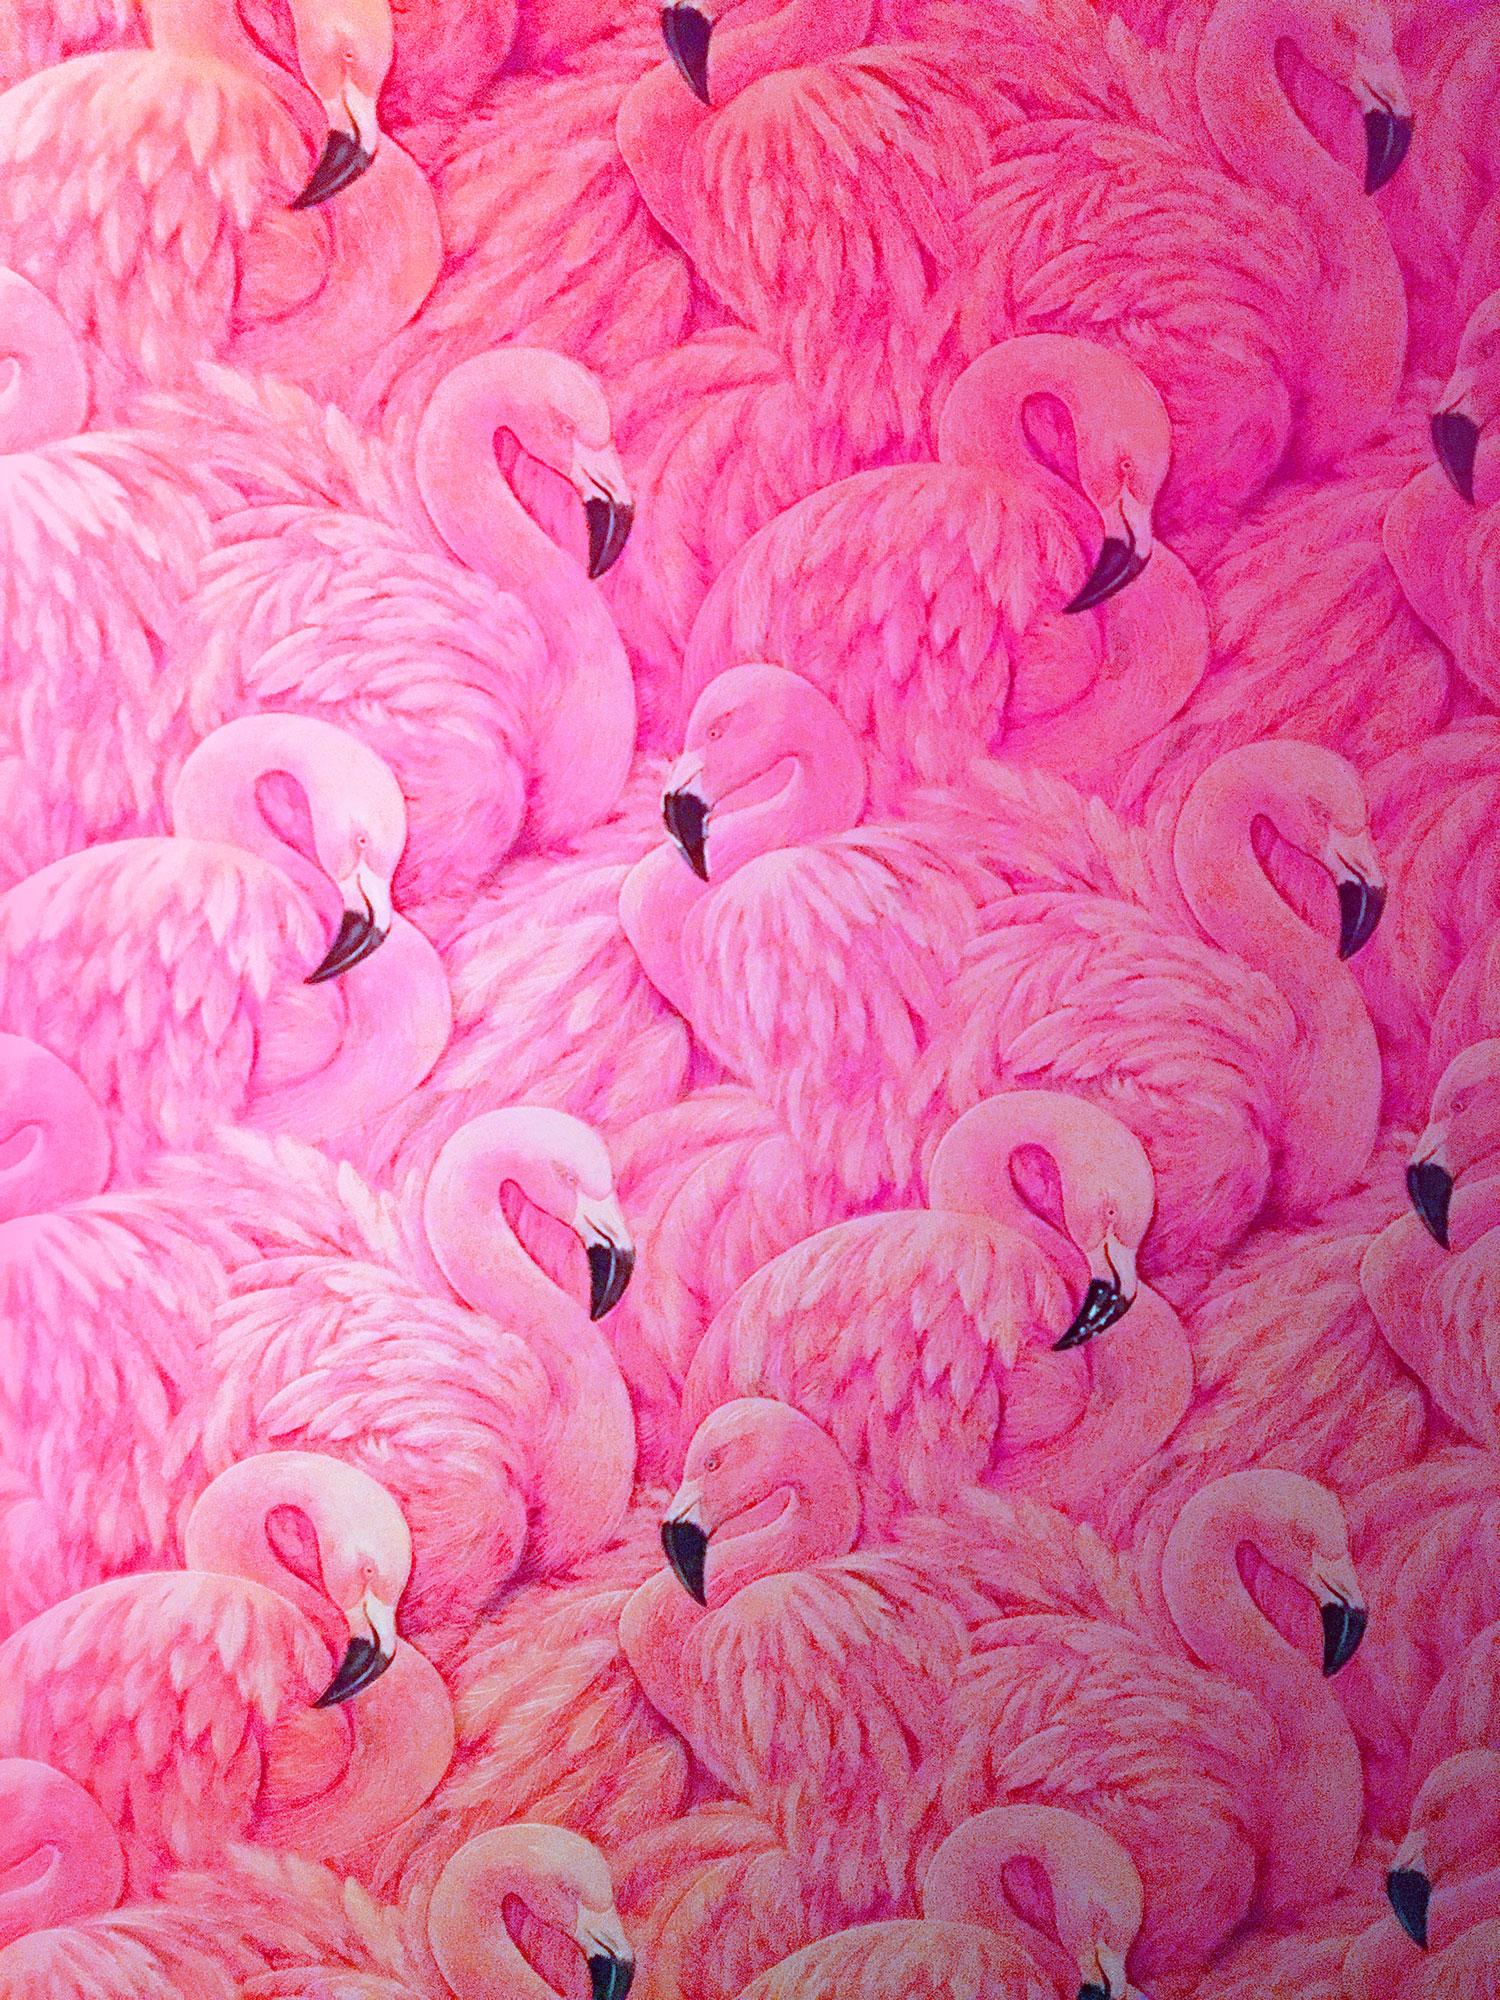 flamingo essay Review essay naomi klein, no logo: taking  no logo: taking aim at the brand  bullies, by naomi klein, london, flamingo, 2000  490 pp, isbn 0-00-255919-.